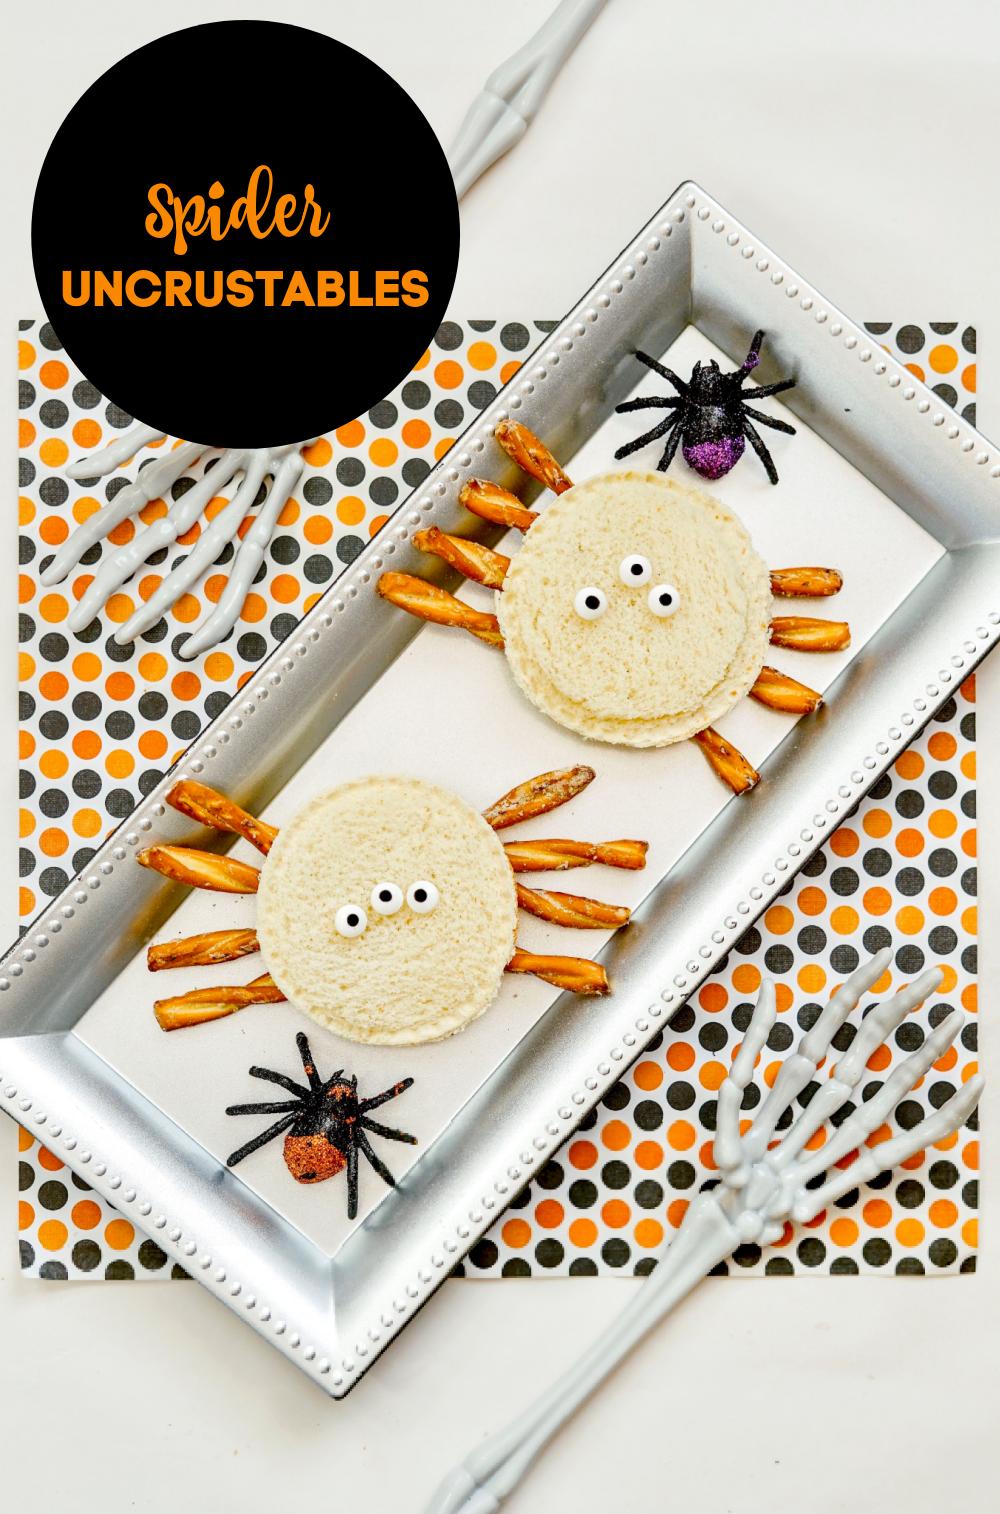 spider uncrustables sandwiches